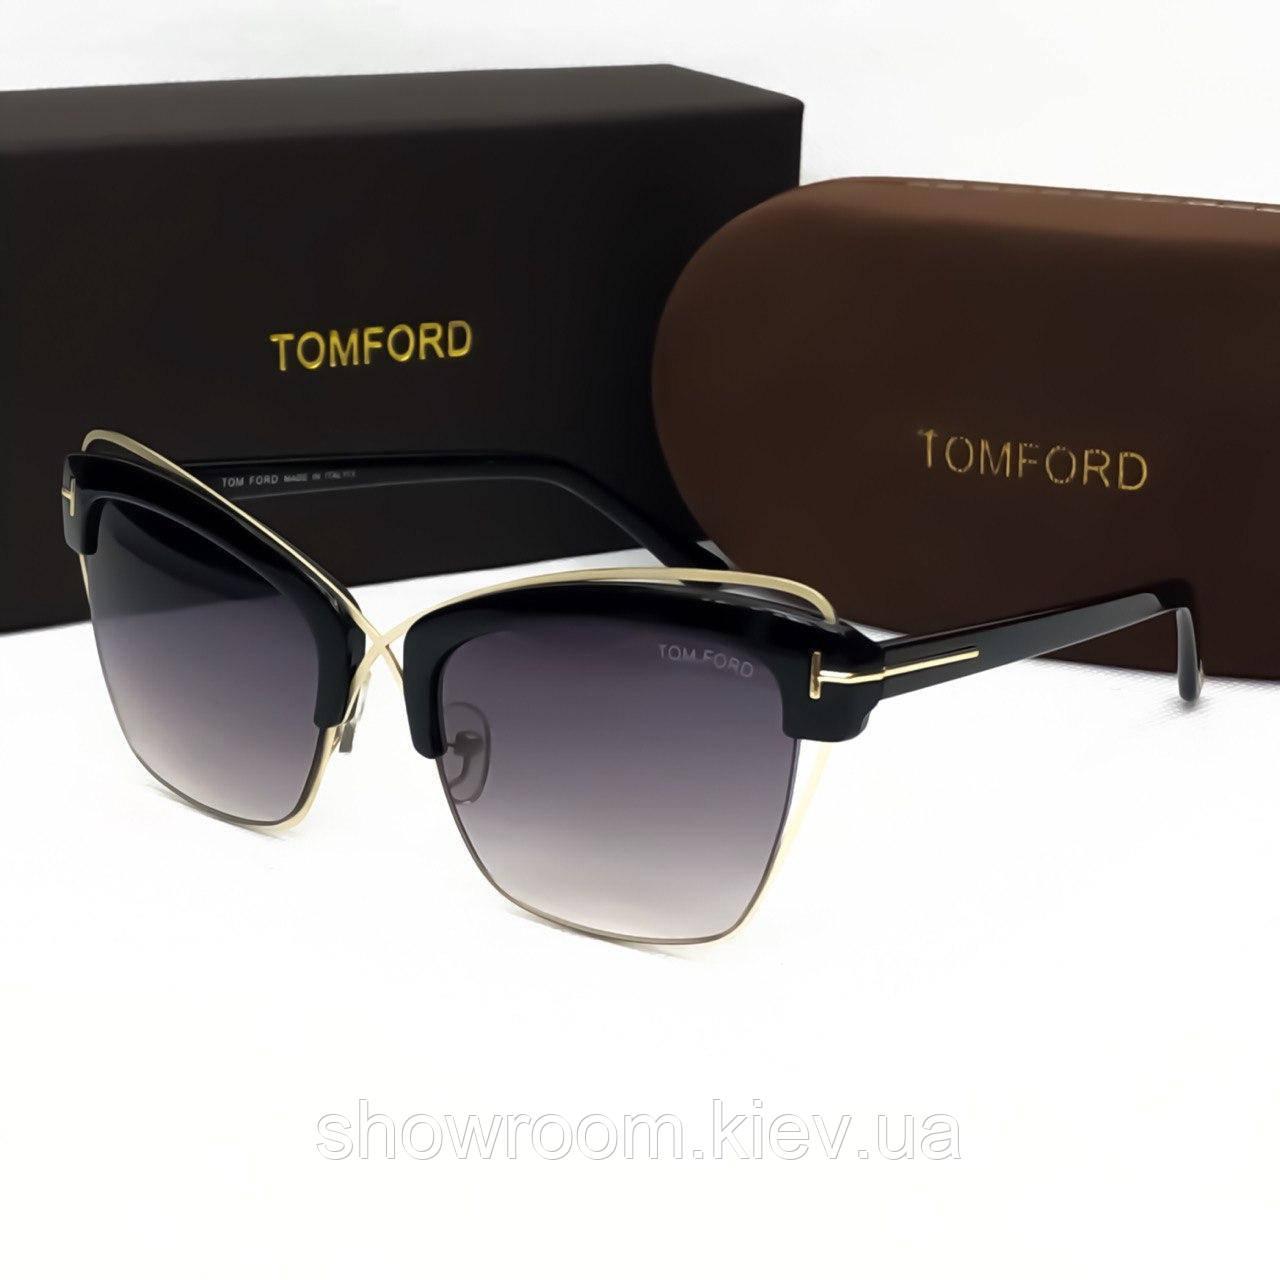 Женские солнцезащитные очки в стиле Tom Ford (0486)